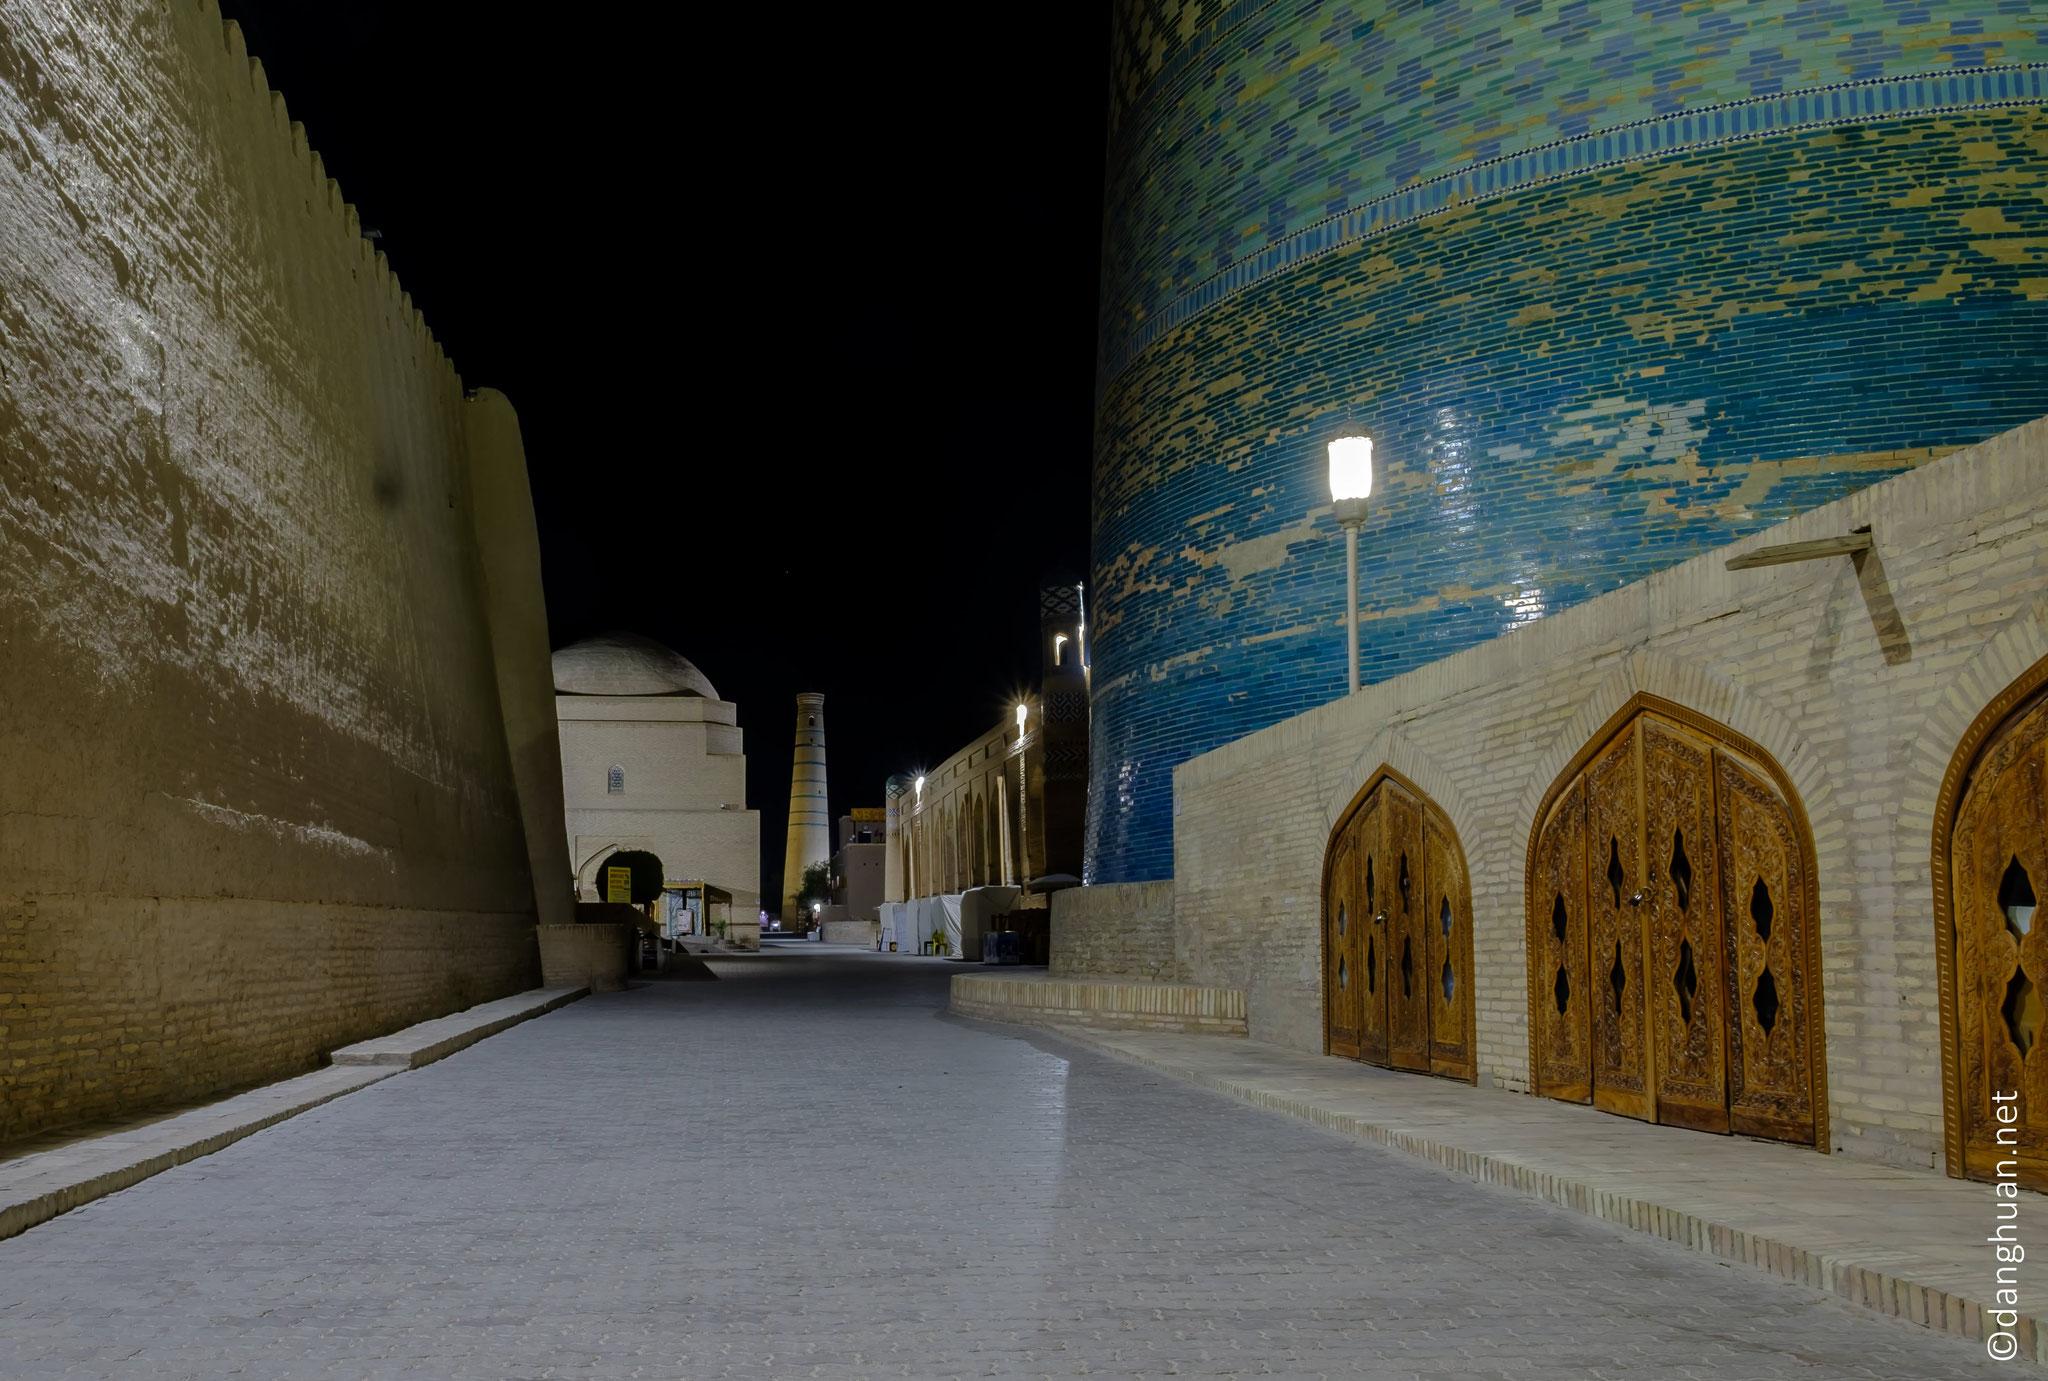 Vue depuis la porte d'Ouest avec le minaret  Kalta minor (1855) à droite et le minaret de la Mosquée Juma (XVIIIè siècle) au fonds